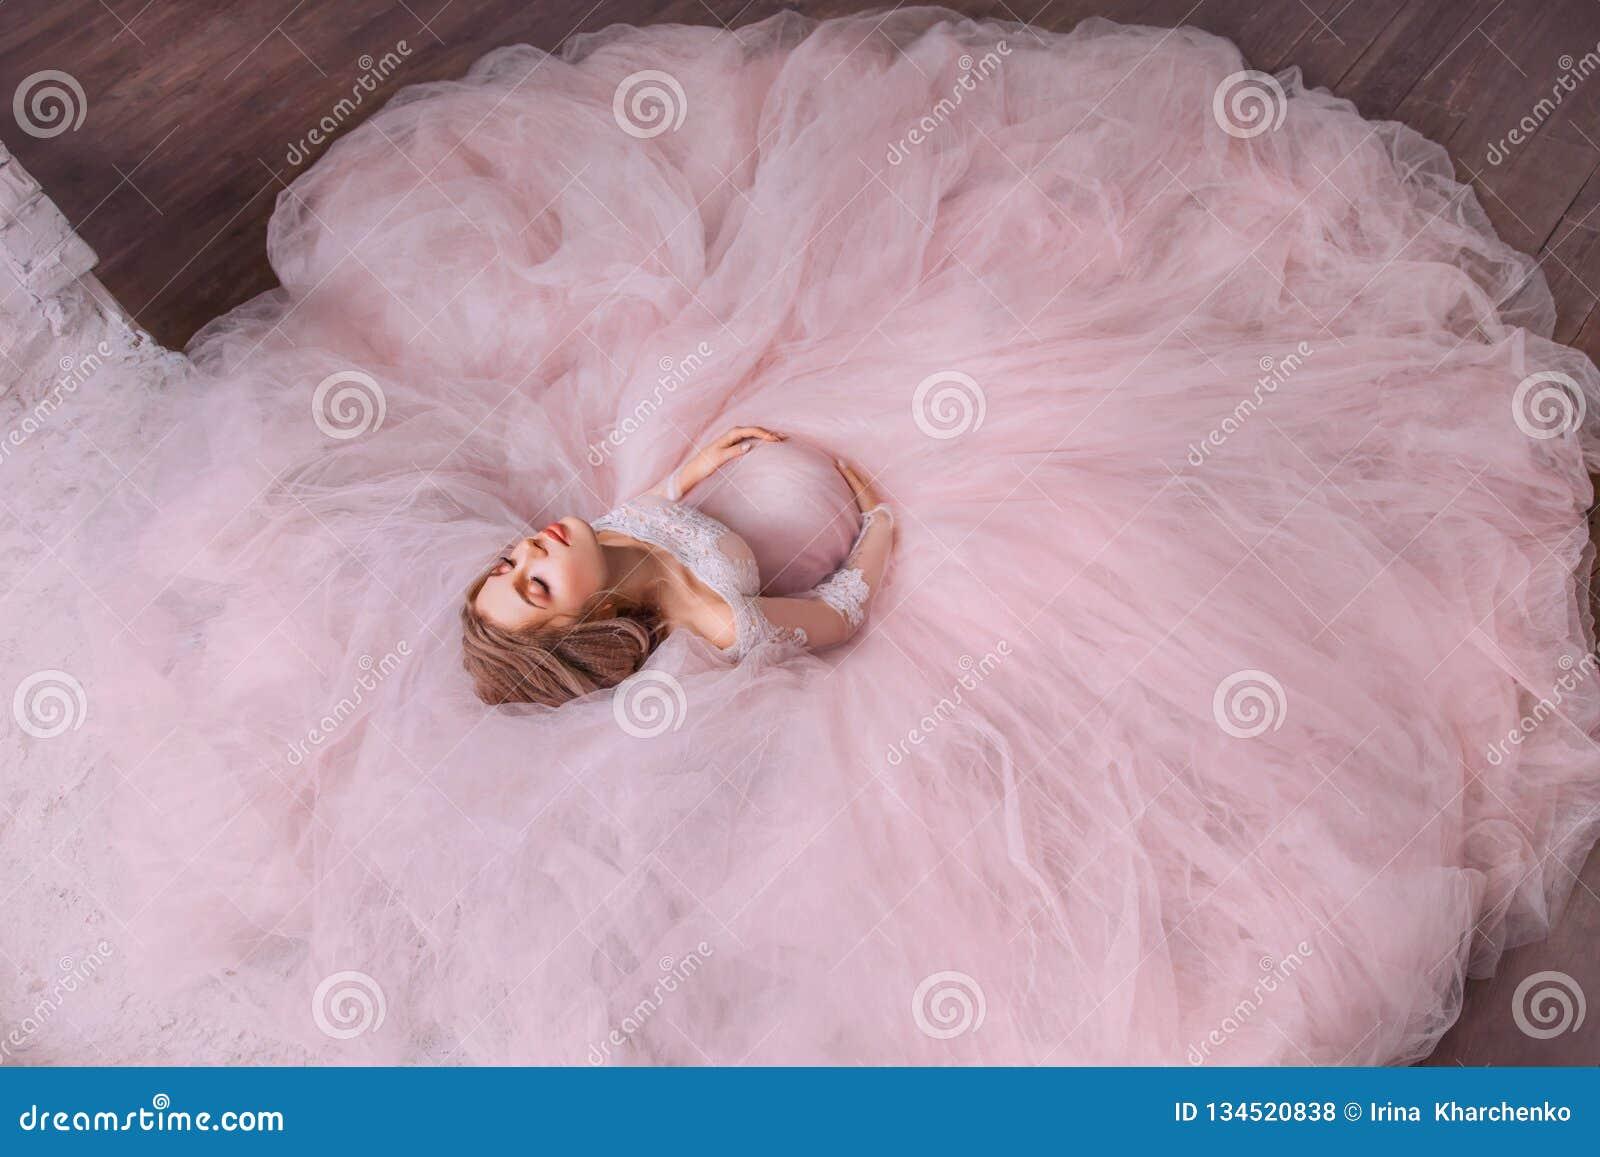 Une photo magique fabuleuse d une jolie fille enceinte attirante avec les cheveux blonds dans une robe rose magnifique magnifique